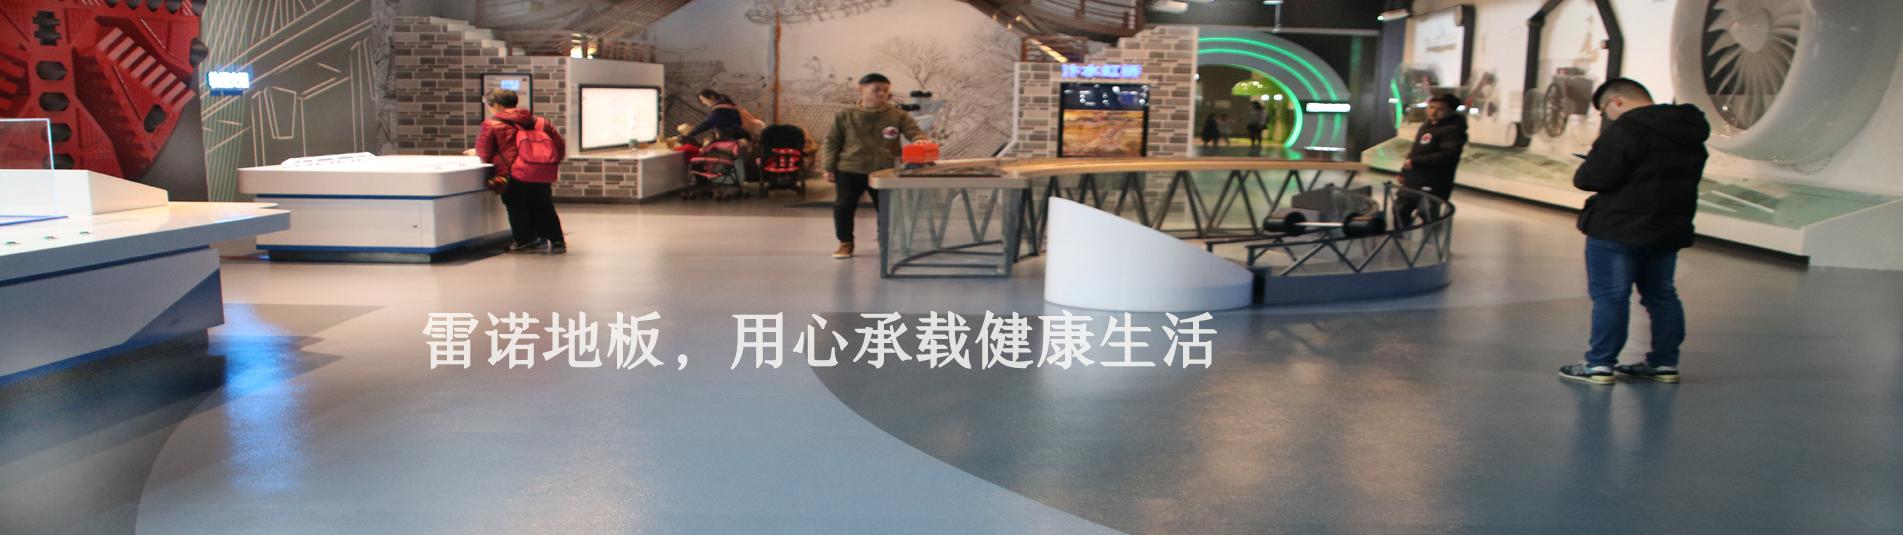 橡膠地板品牌